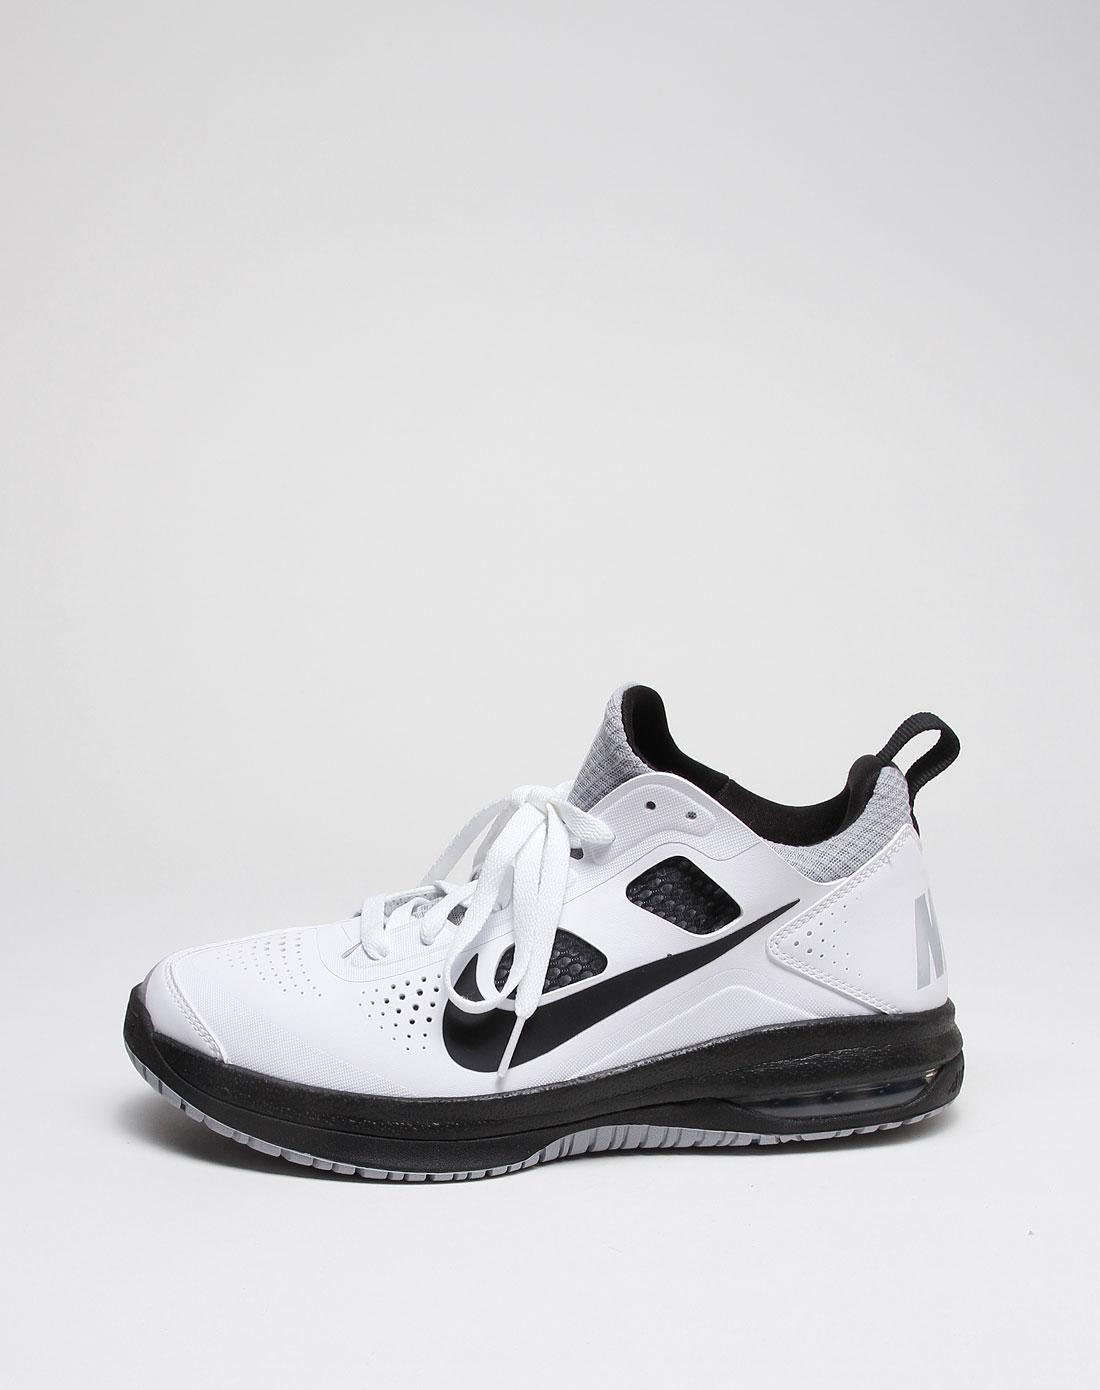 耐克nike 白底黑色冲孔air max dominate篮球鞋